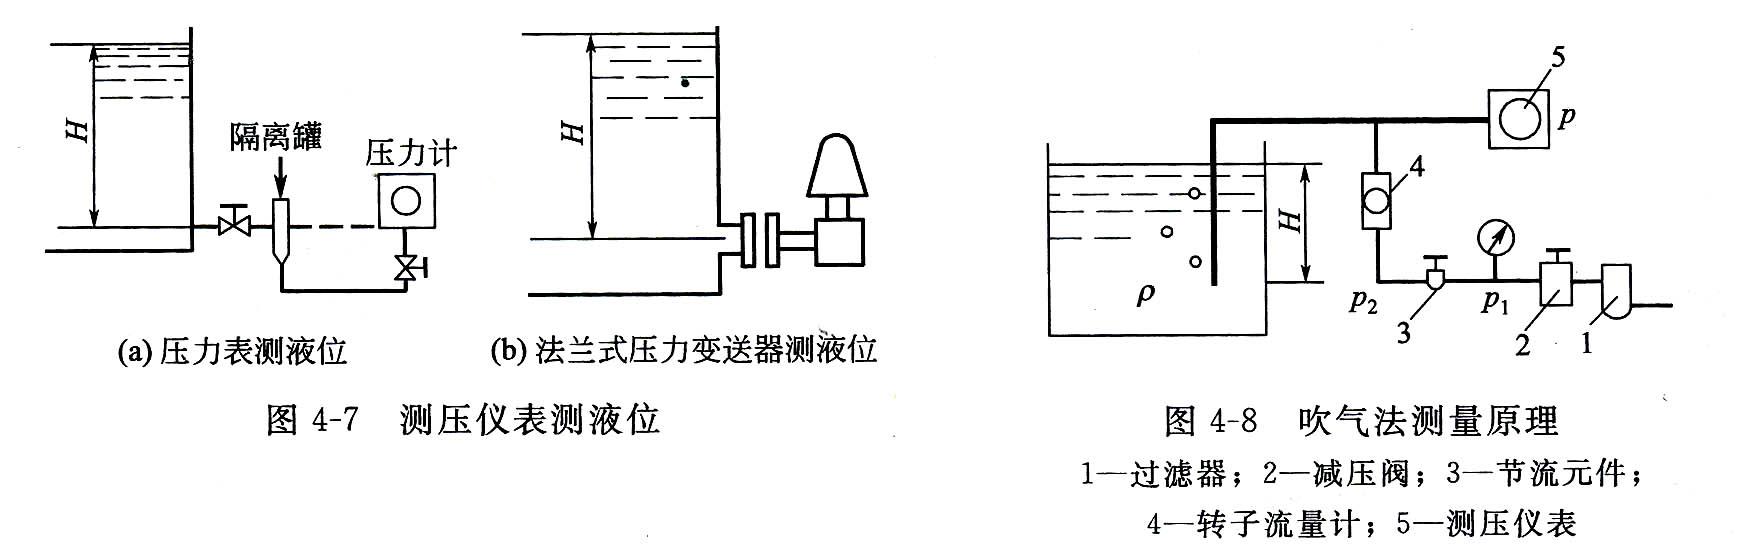 气源压力传感器接线图